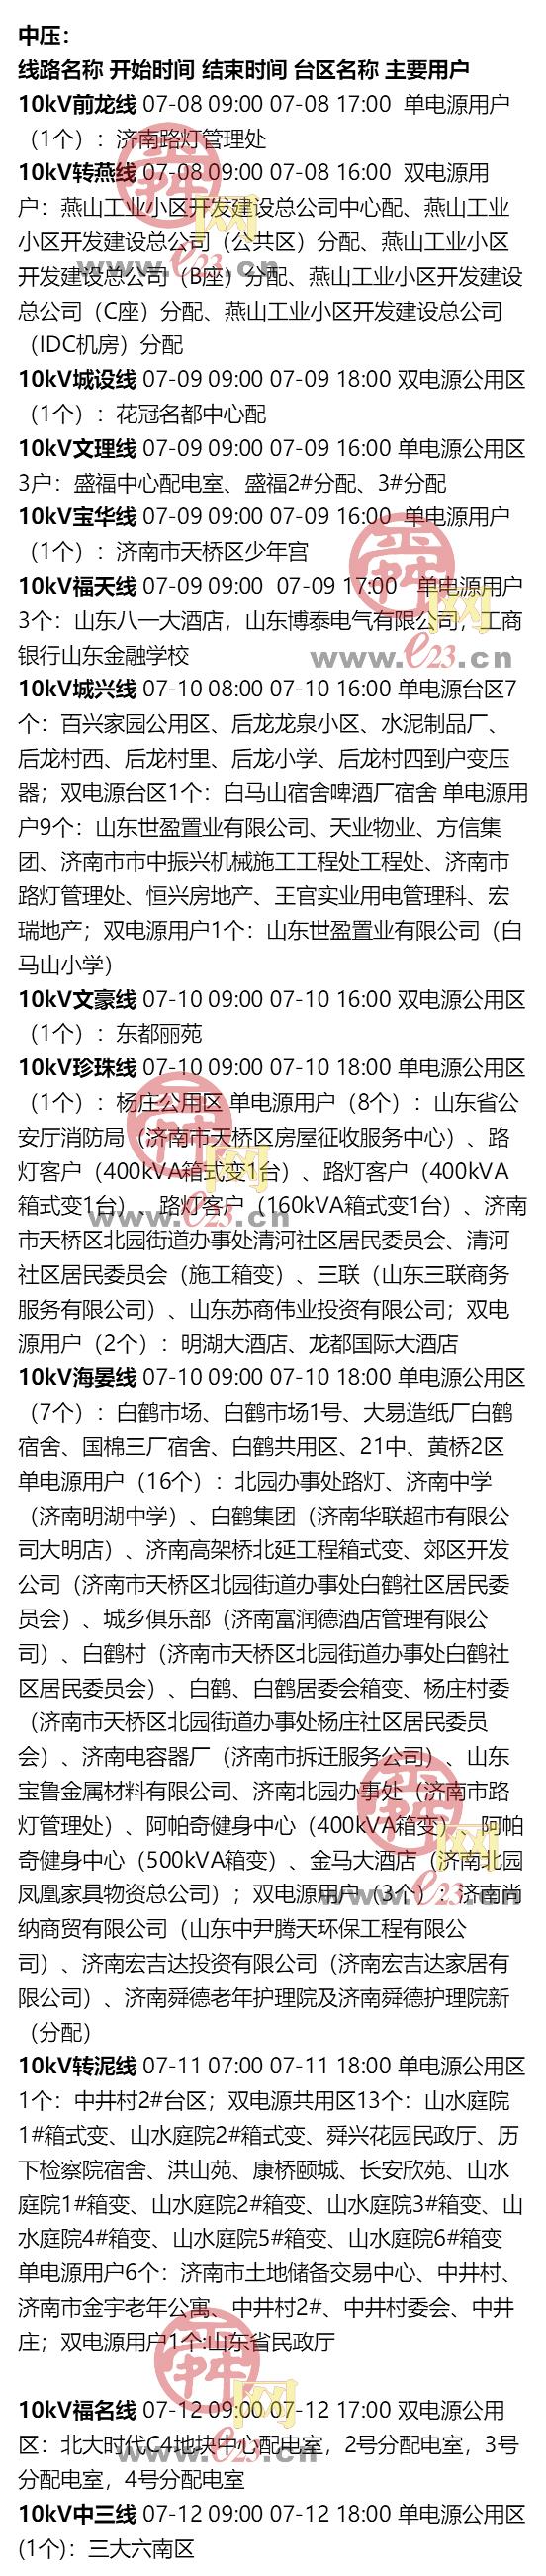 7月6日至7月12日济南部分区域电力设备检修通知